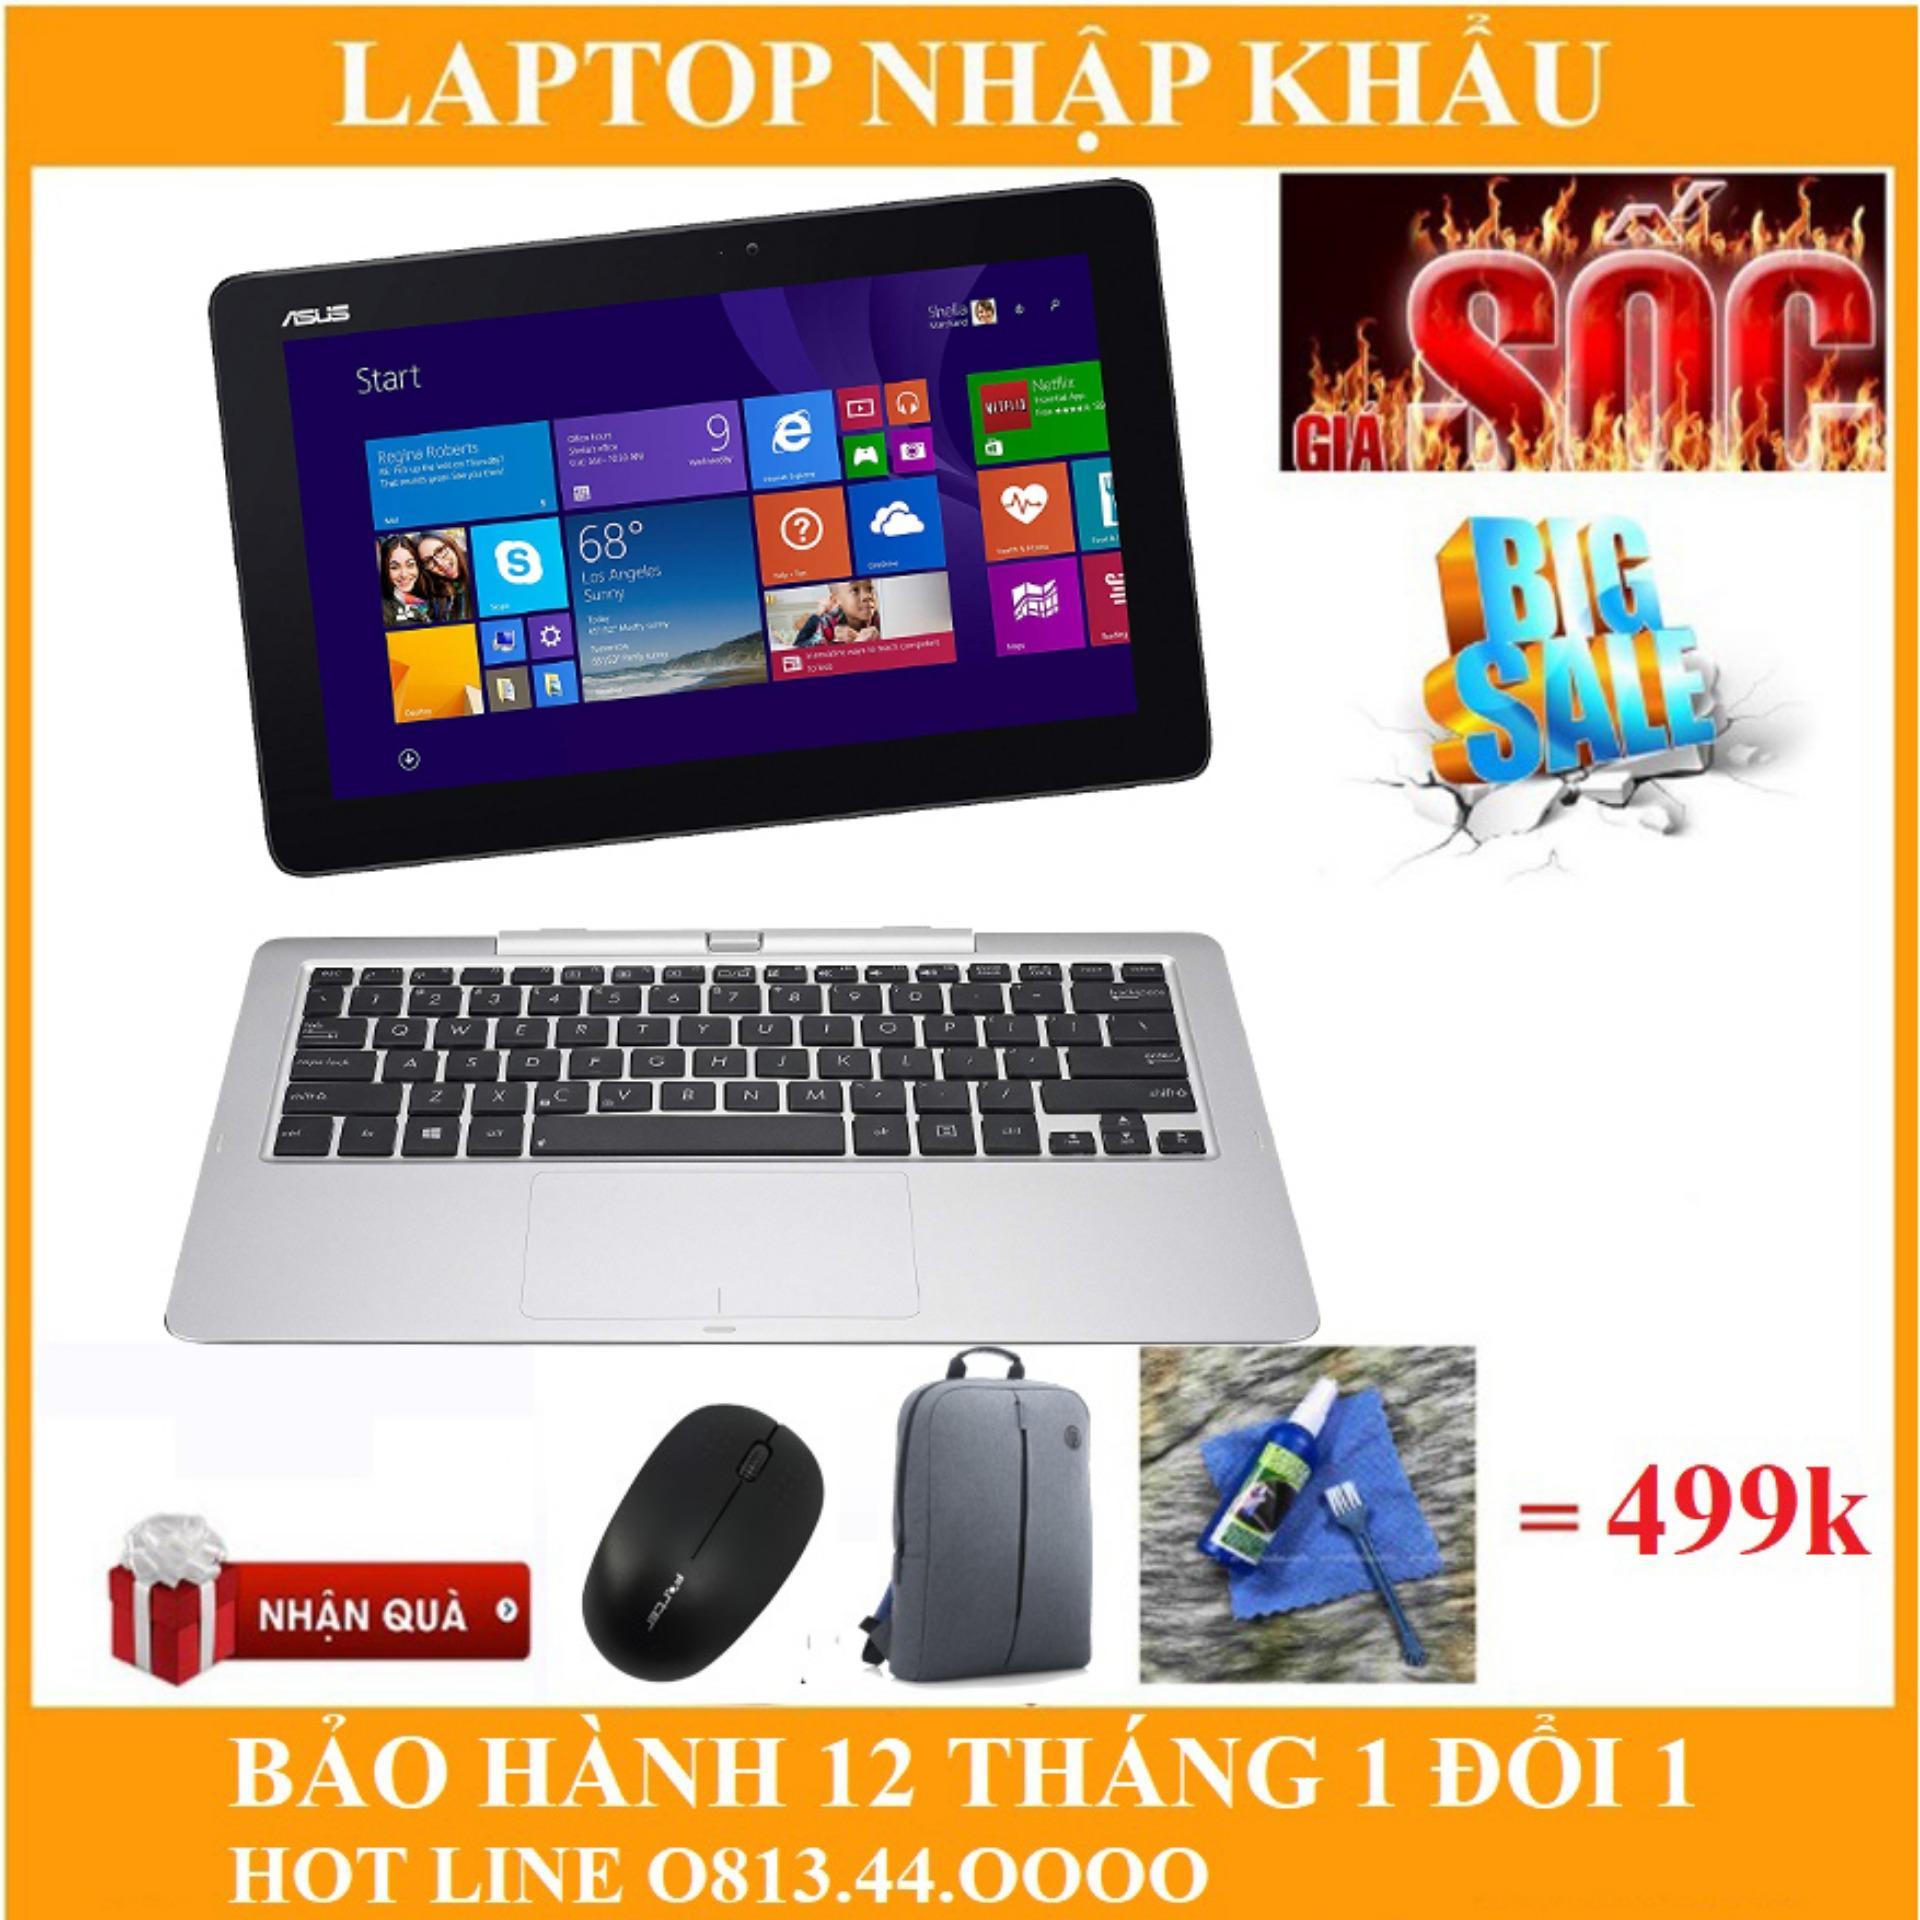 Mã Giảm Giá Khi Mua Laptop Asus T200TA Notebook Intel Atom Z3775/ 2GB/ 64GB ROM Full Box Bảo Hành 12thang